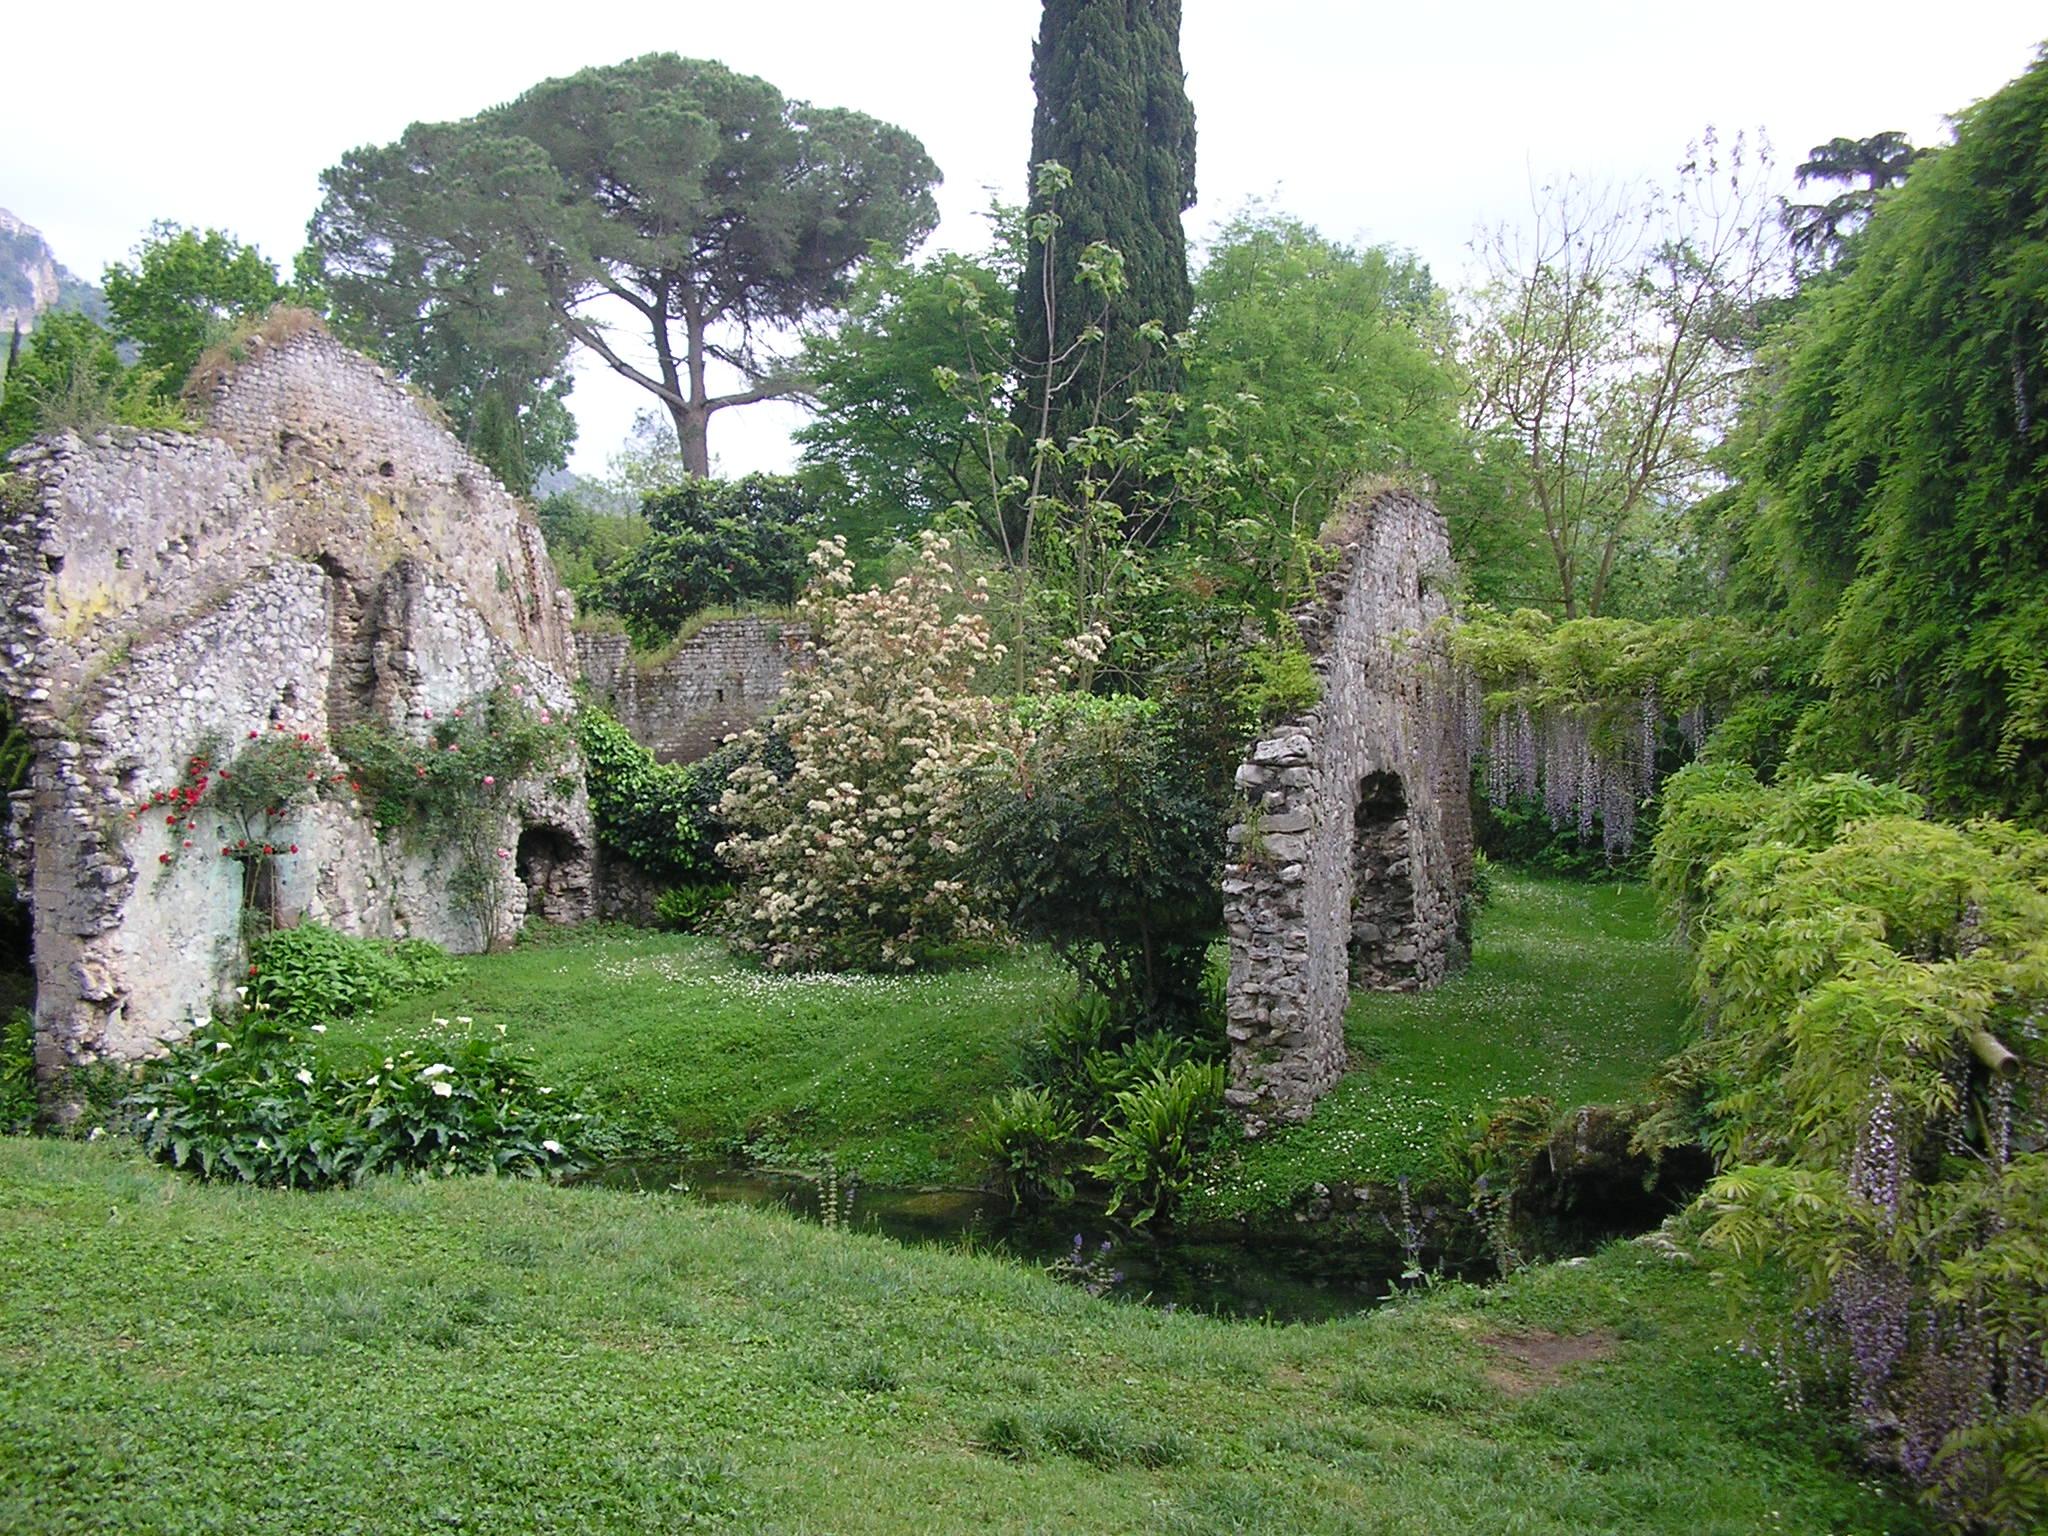 Giardino di ninfa luoghi italianbotanicaltrips - Il giardino di ninfa ...